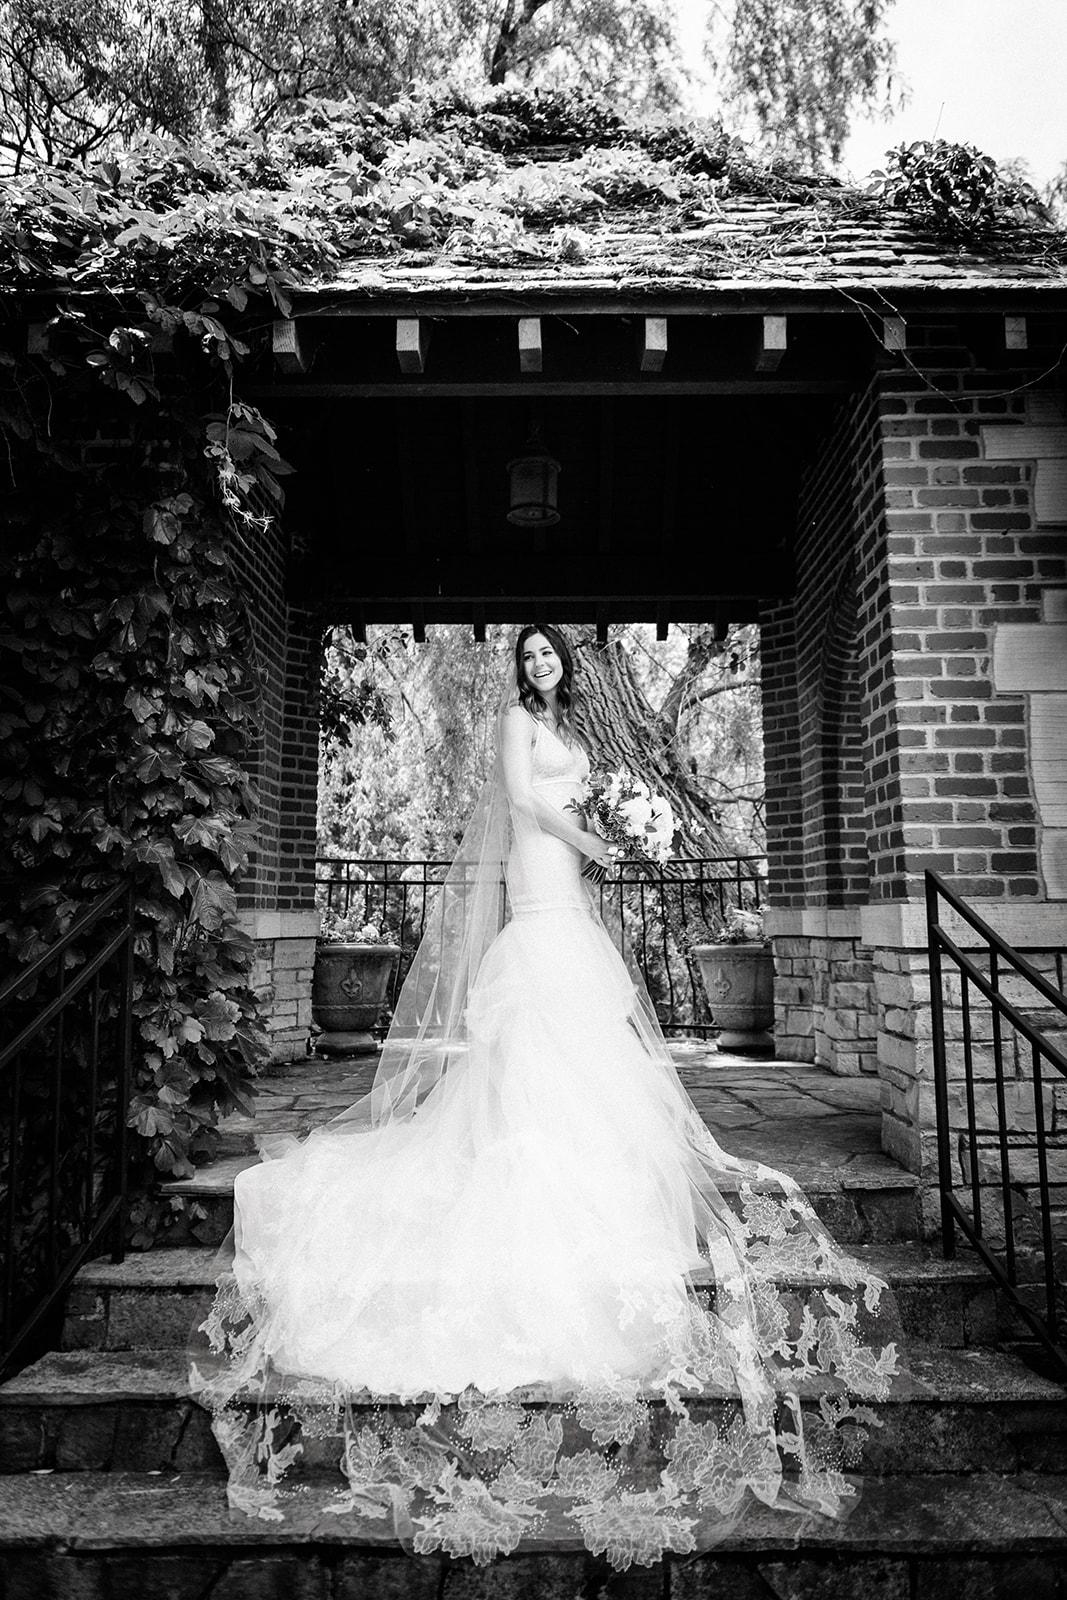 Editorial outdoor bridal portrait at Riverbend, Kohler